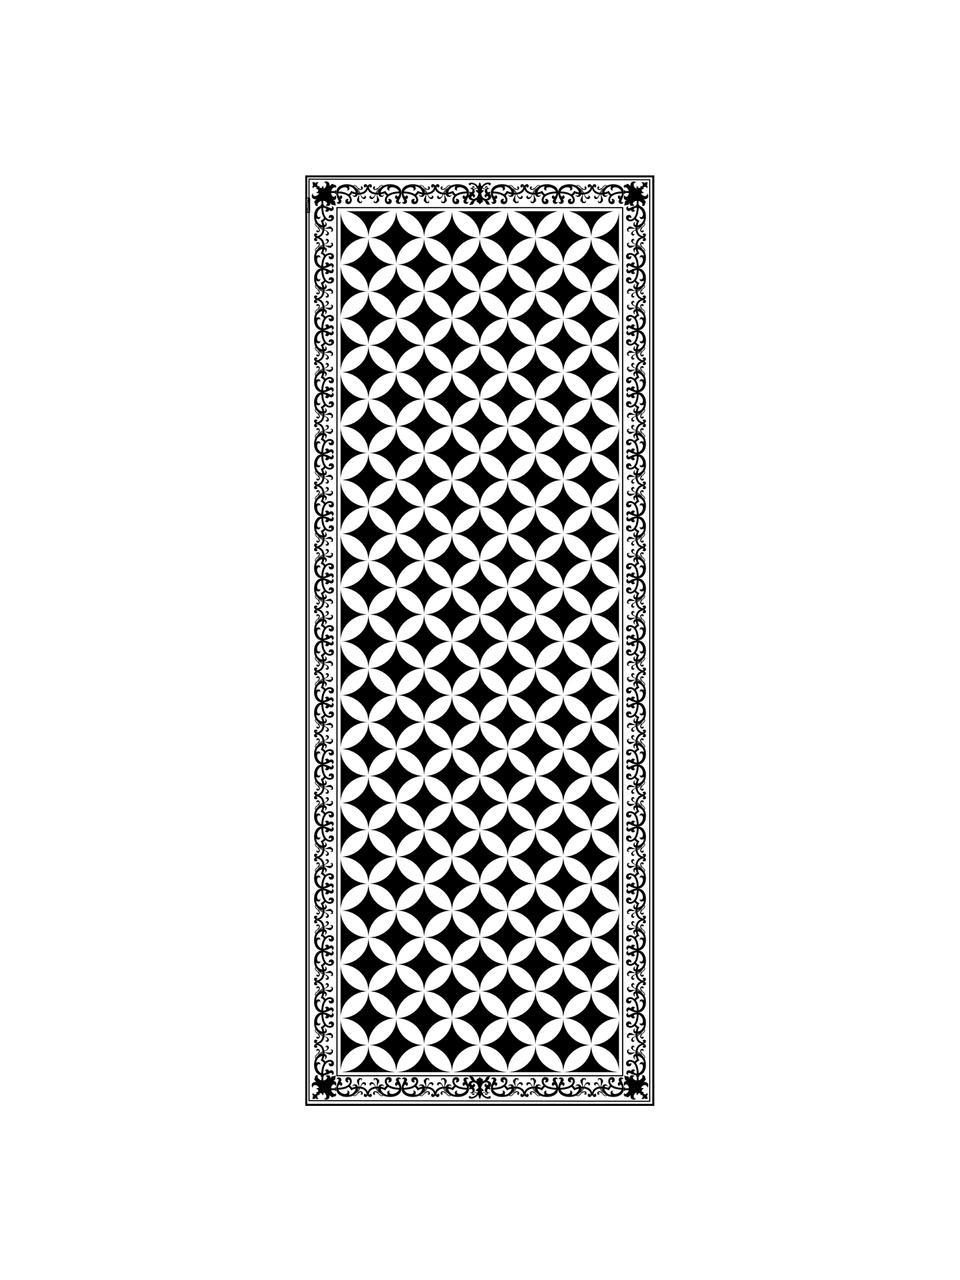 Tappetino antiscivolo nero/bianco in vinile Chadi, Vinile riciclabile, Nero, bianco, Larg. 65 x Lung. 255 cm